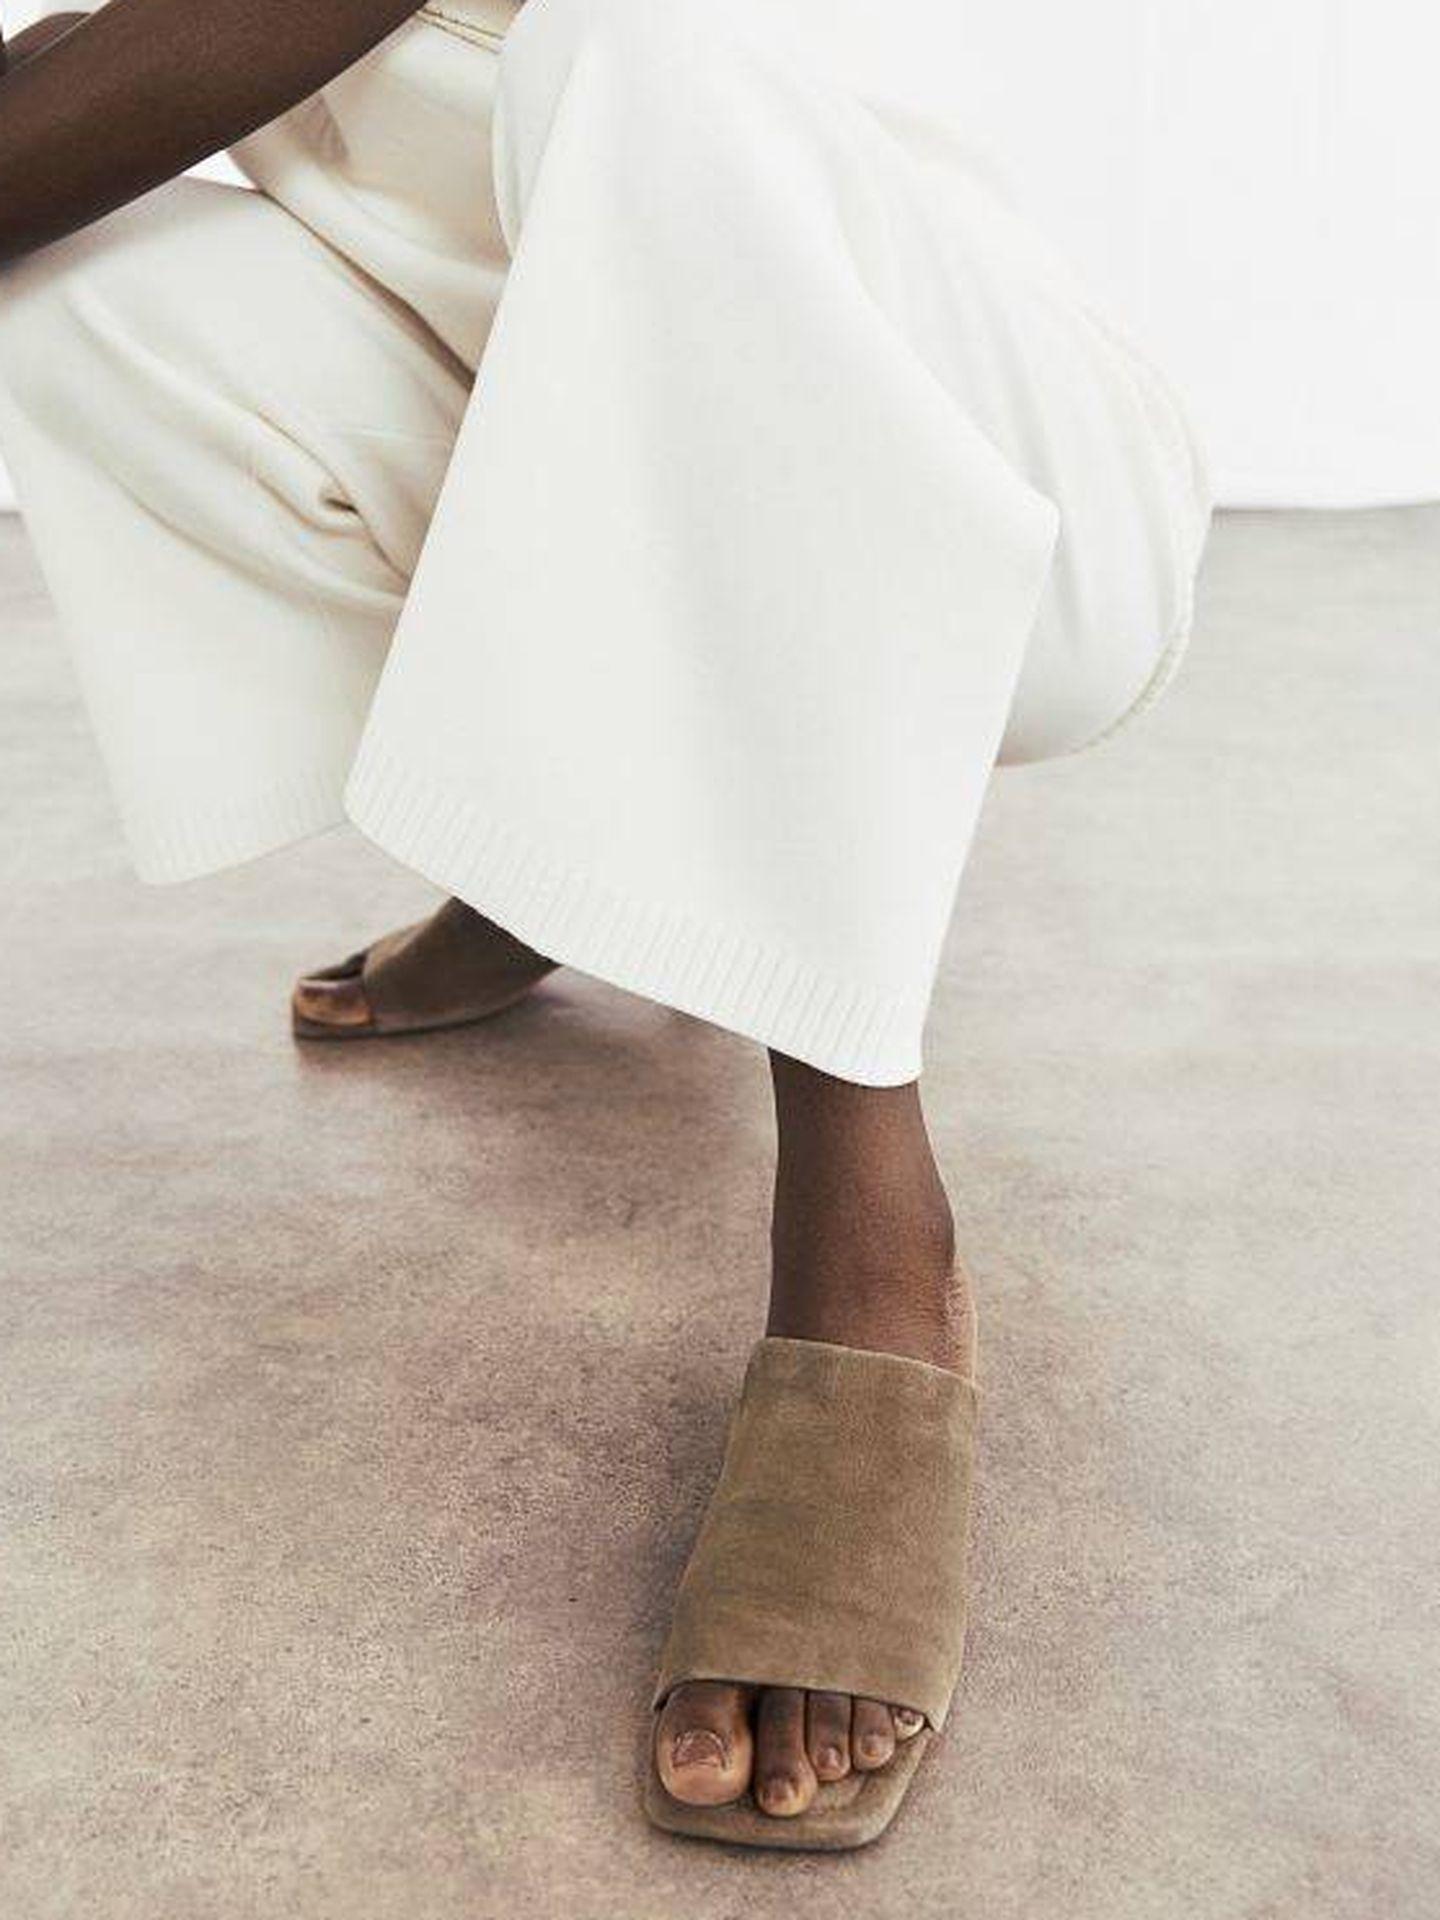 Sandalias de tacón de HyM. (Cortesía)